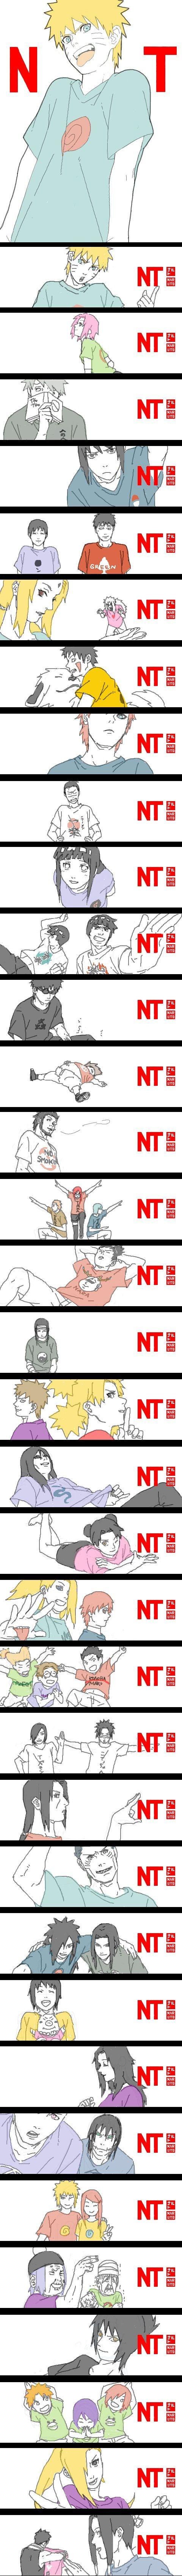 Tags: Anime, NARUTO, Haruno Sakura, Uzumaki Naruto, Uchiha Sasuke, Sai, Rock Lee